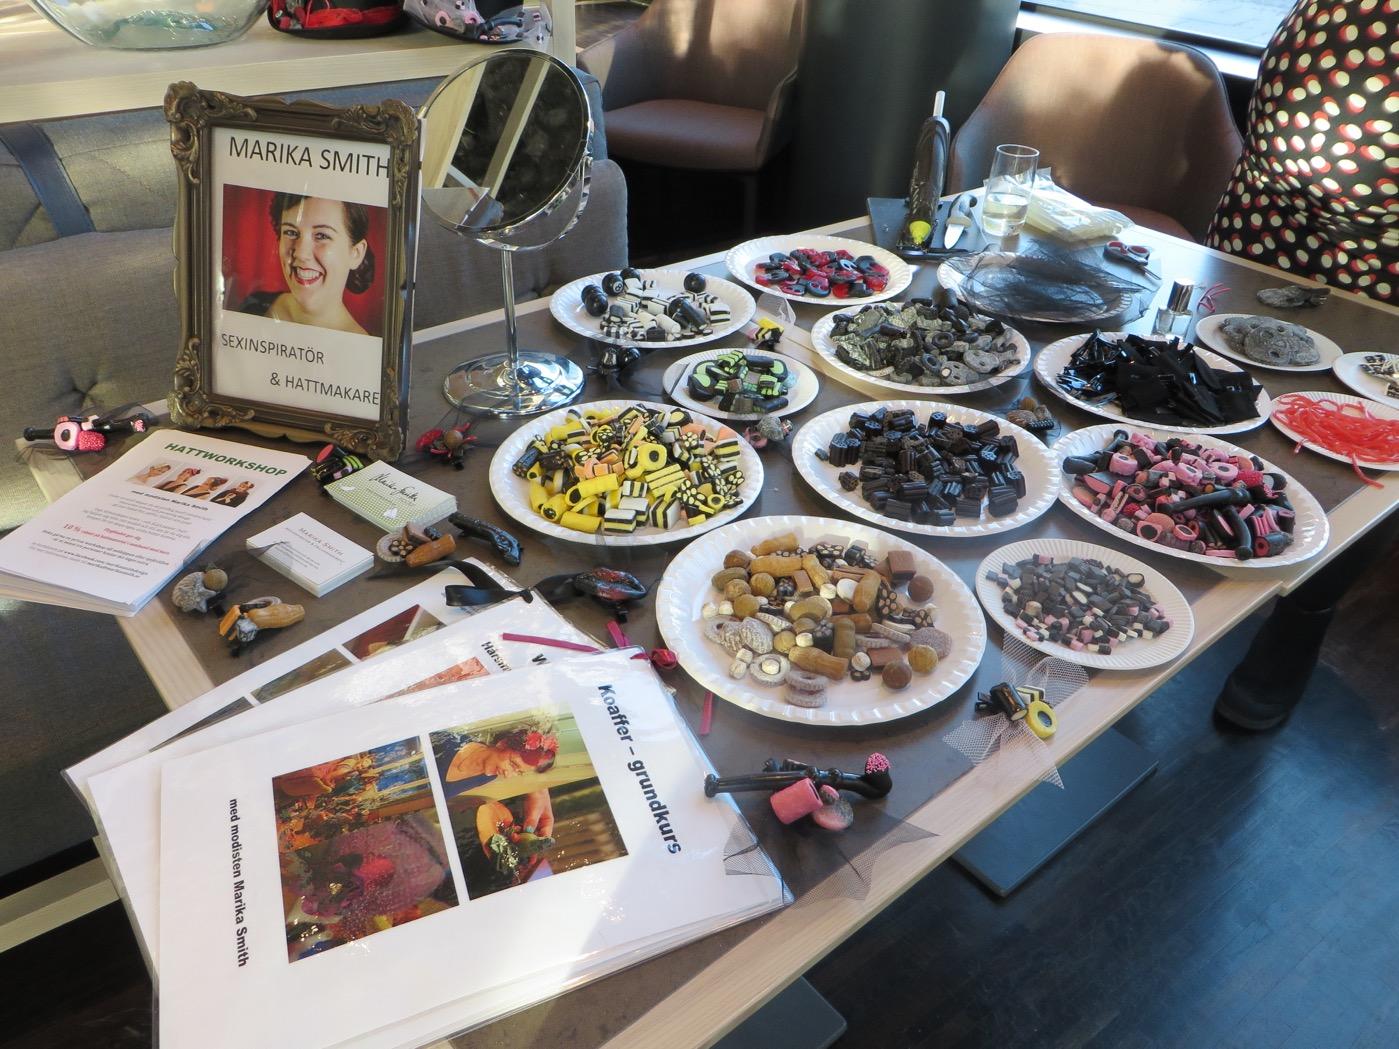 Hatt- och smyckestillverkning av Marika Smith